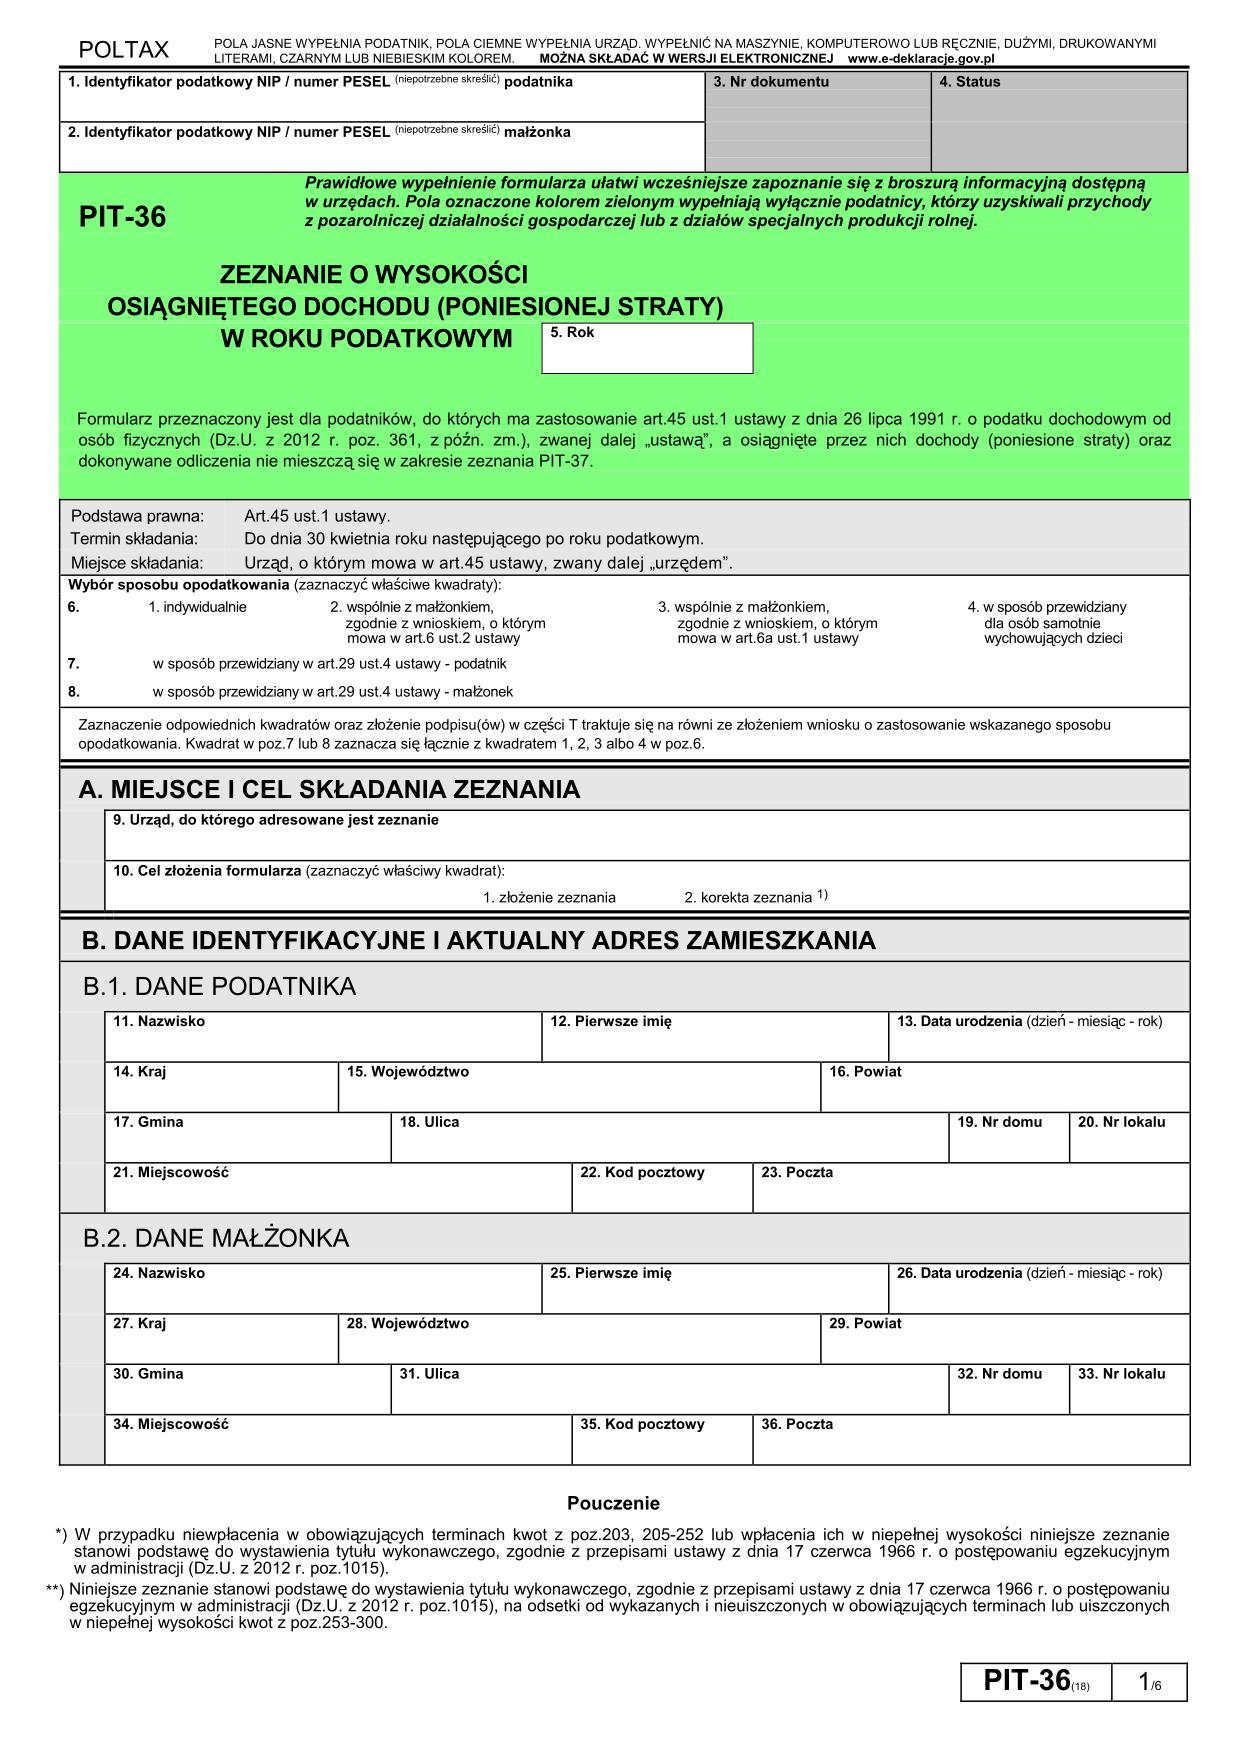 PIT-36 (18) (2012) (archiwalny) Zeznanie o wysokości osiągniętego dochodu (poniesionej straty)